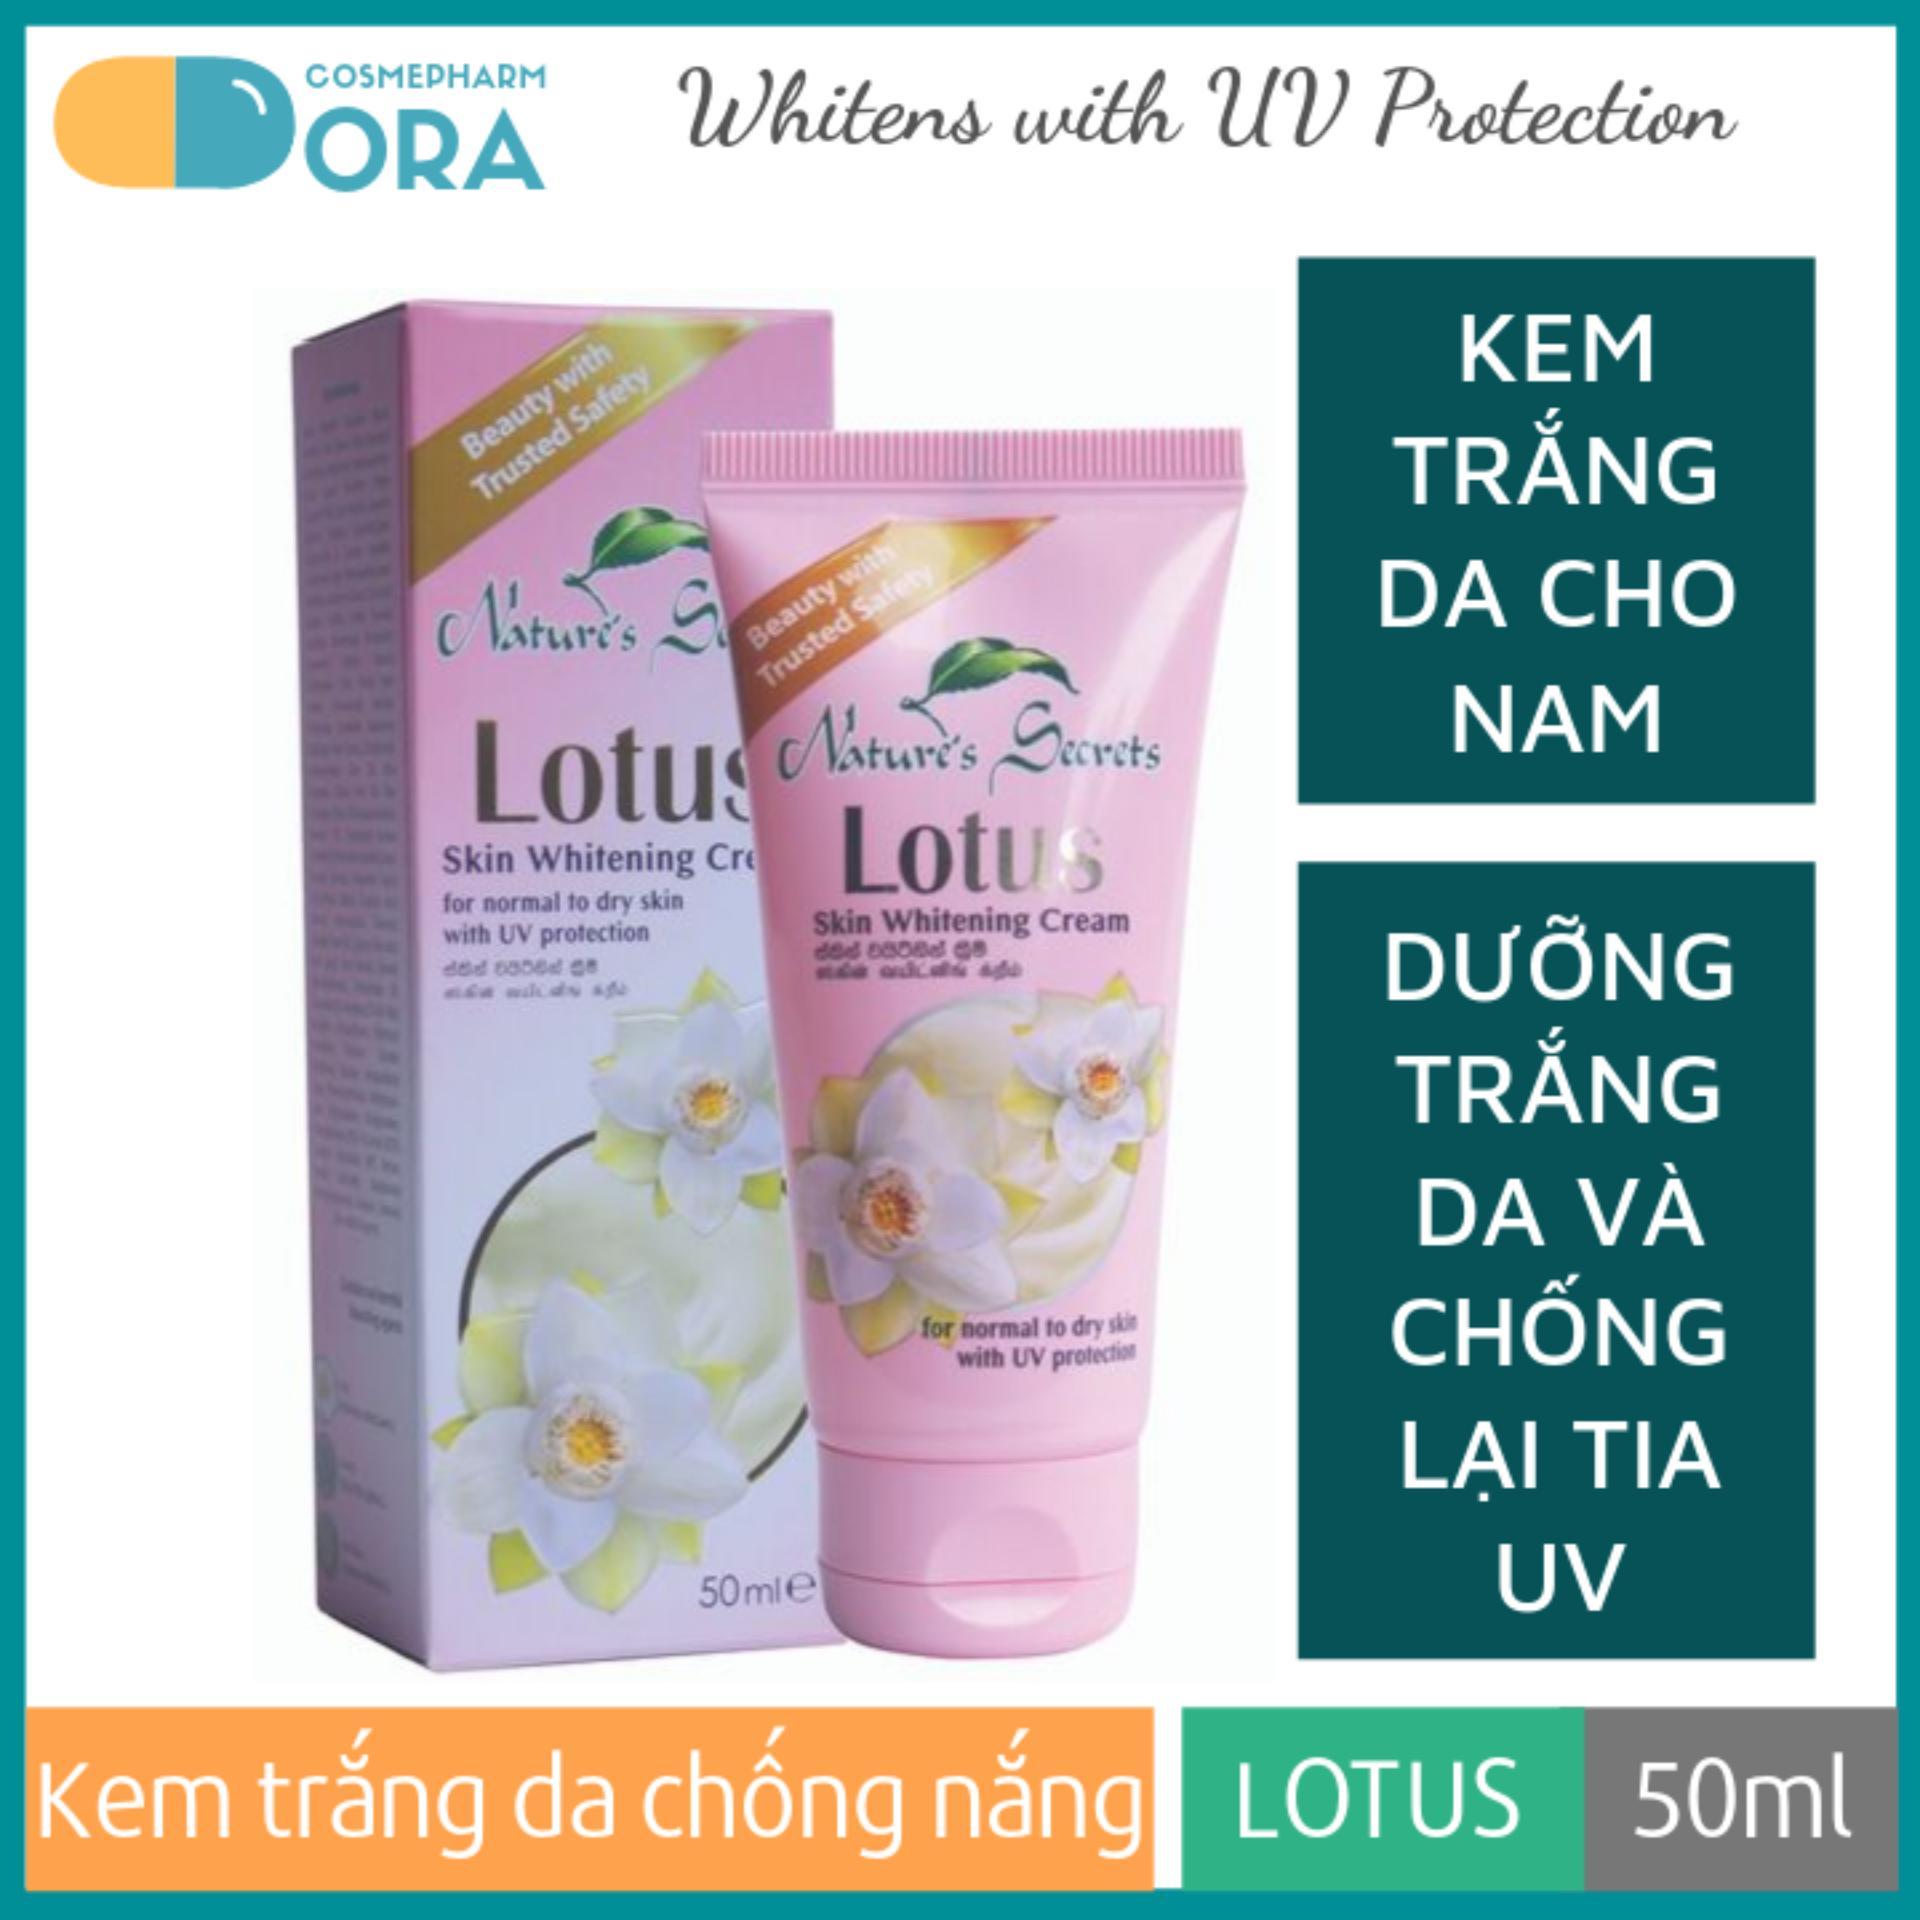 Kem trắng da chống nắng cho nam Lotus Whitening Cream 50ml chính hãng